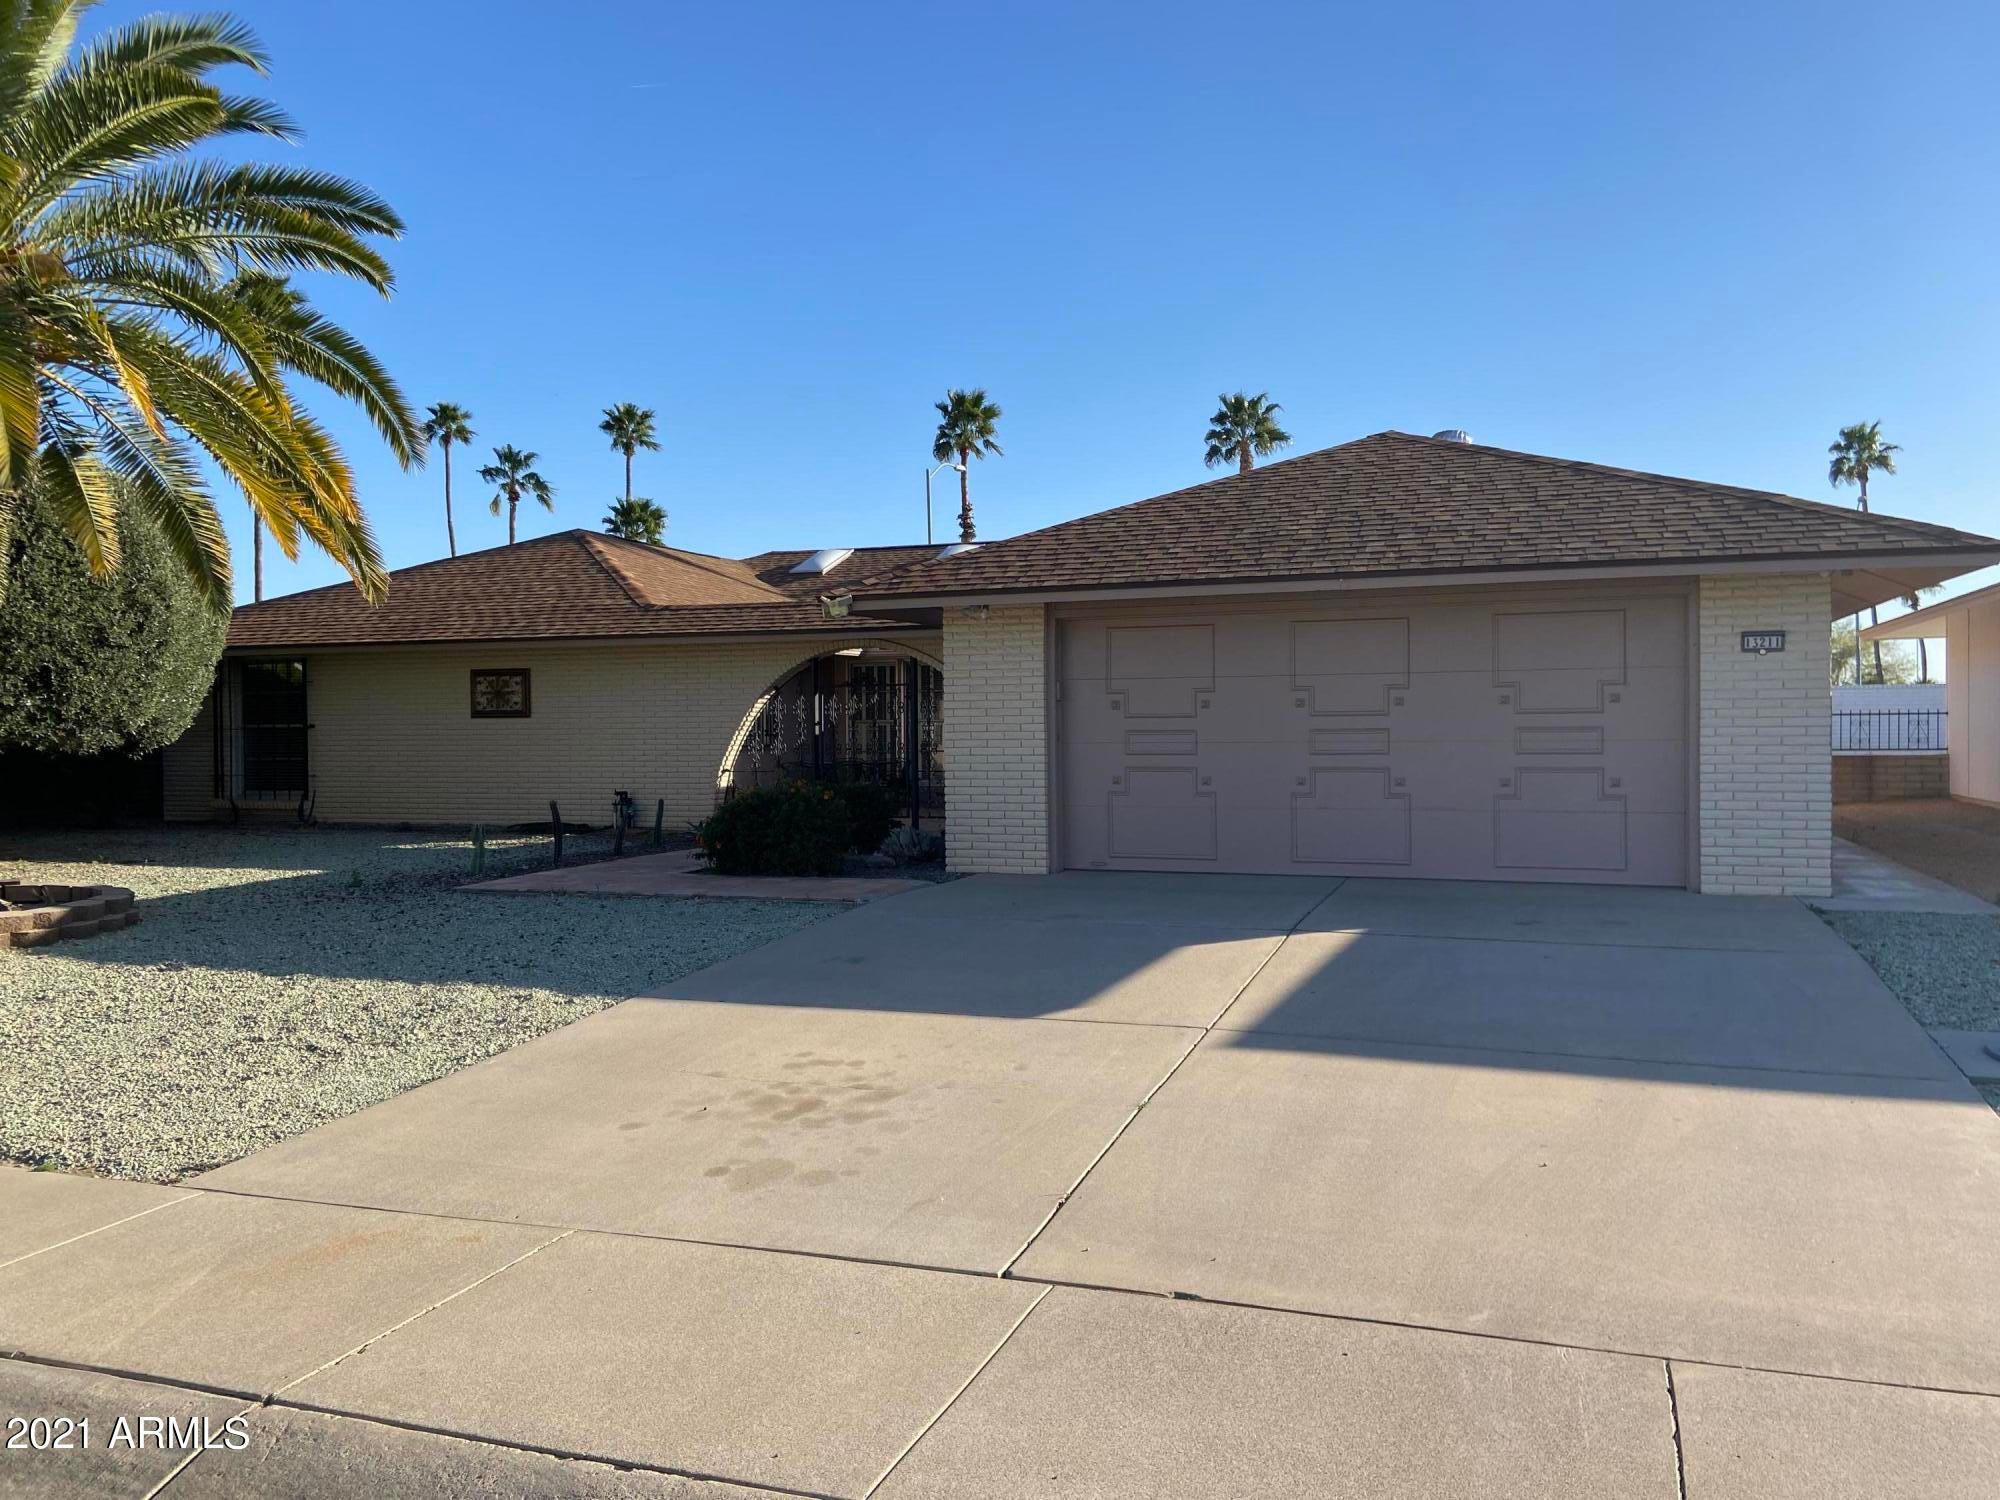 13211 W Desert Glen Dr, Sun City West, AZ 85375 - 3 Bed, 2